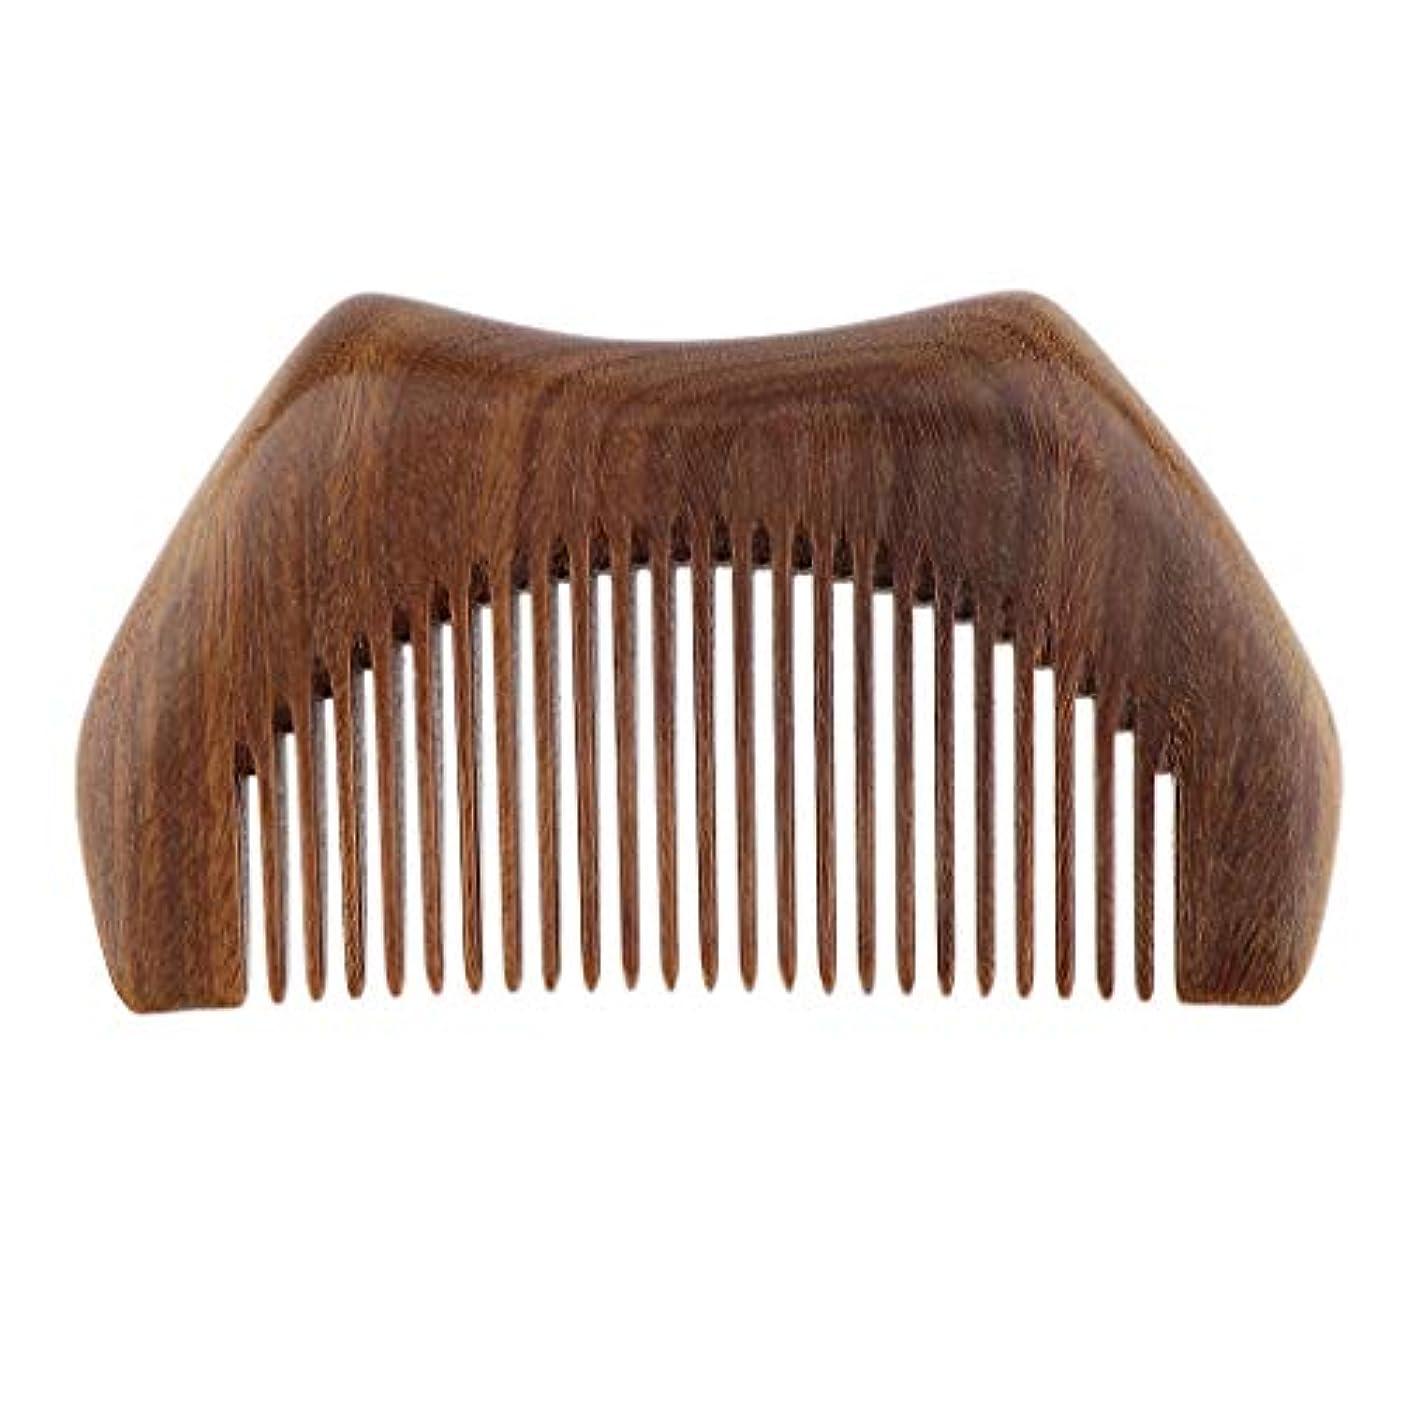 適切な確かなモンクToygogo ポケットサイズグルーミング木製ヘアコーム|髪をほぐすためのプレミアムファインティース/ひげ/ひげ/口ひげ